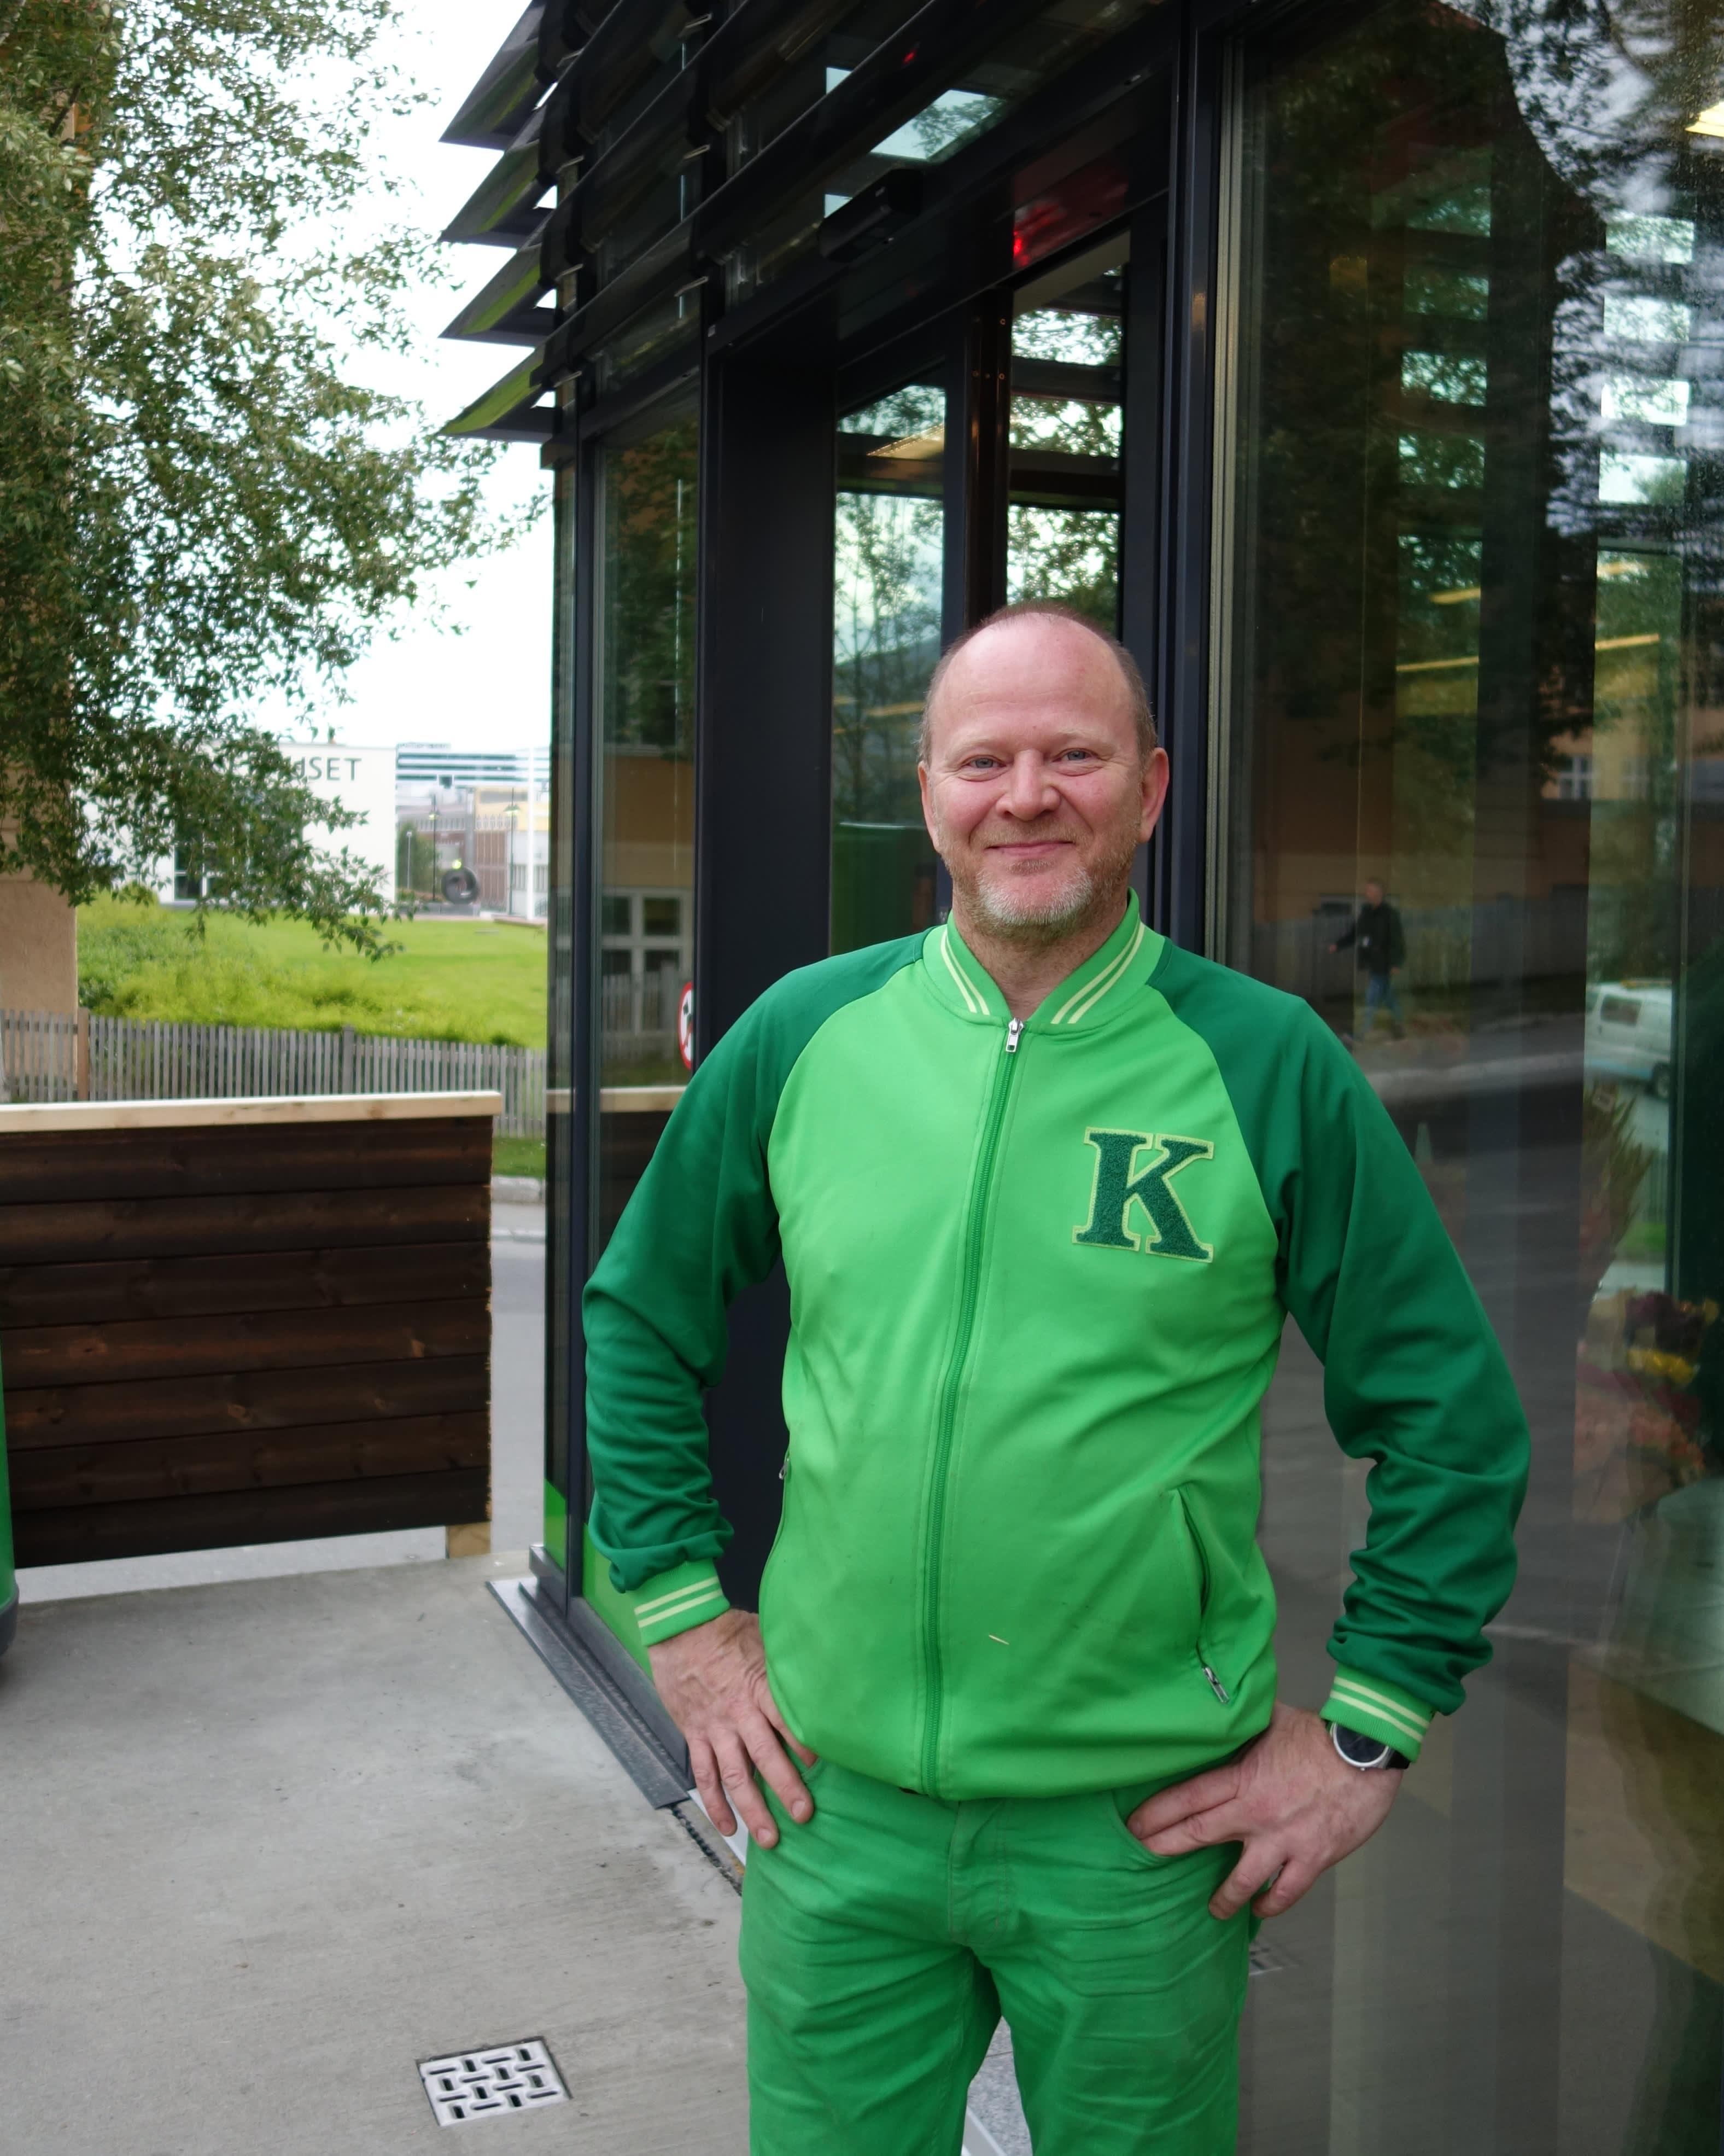 John Ove Kvalsvik er butikksjef i KIWI Balsfjordgata, og er storfornøyd med resultatet etter oppussingen av butikken.